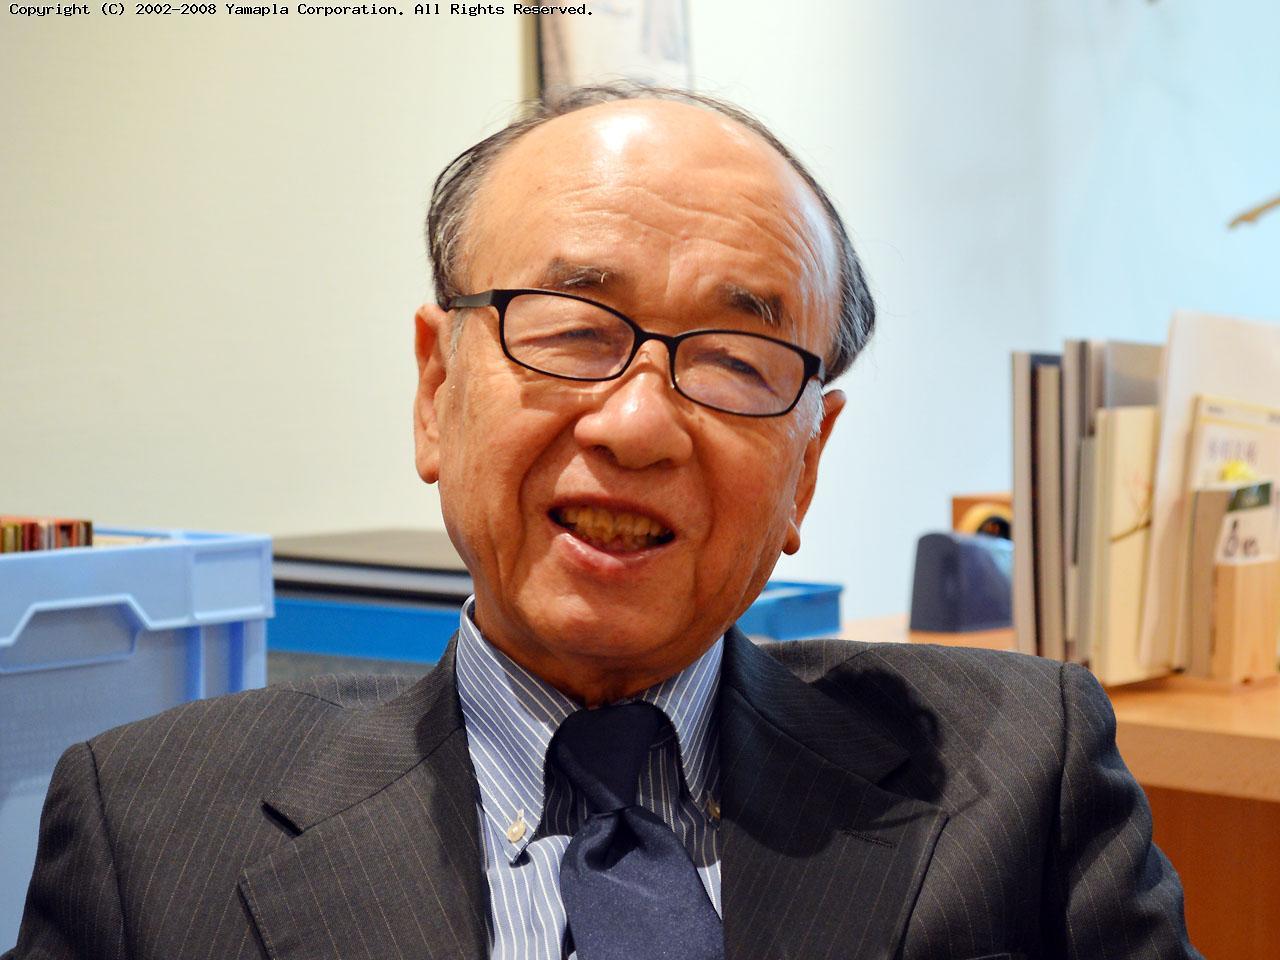 MIHO MUSEUM 館長・東京大学名誉教授 辻 惟雄さん(82歳 ...